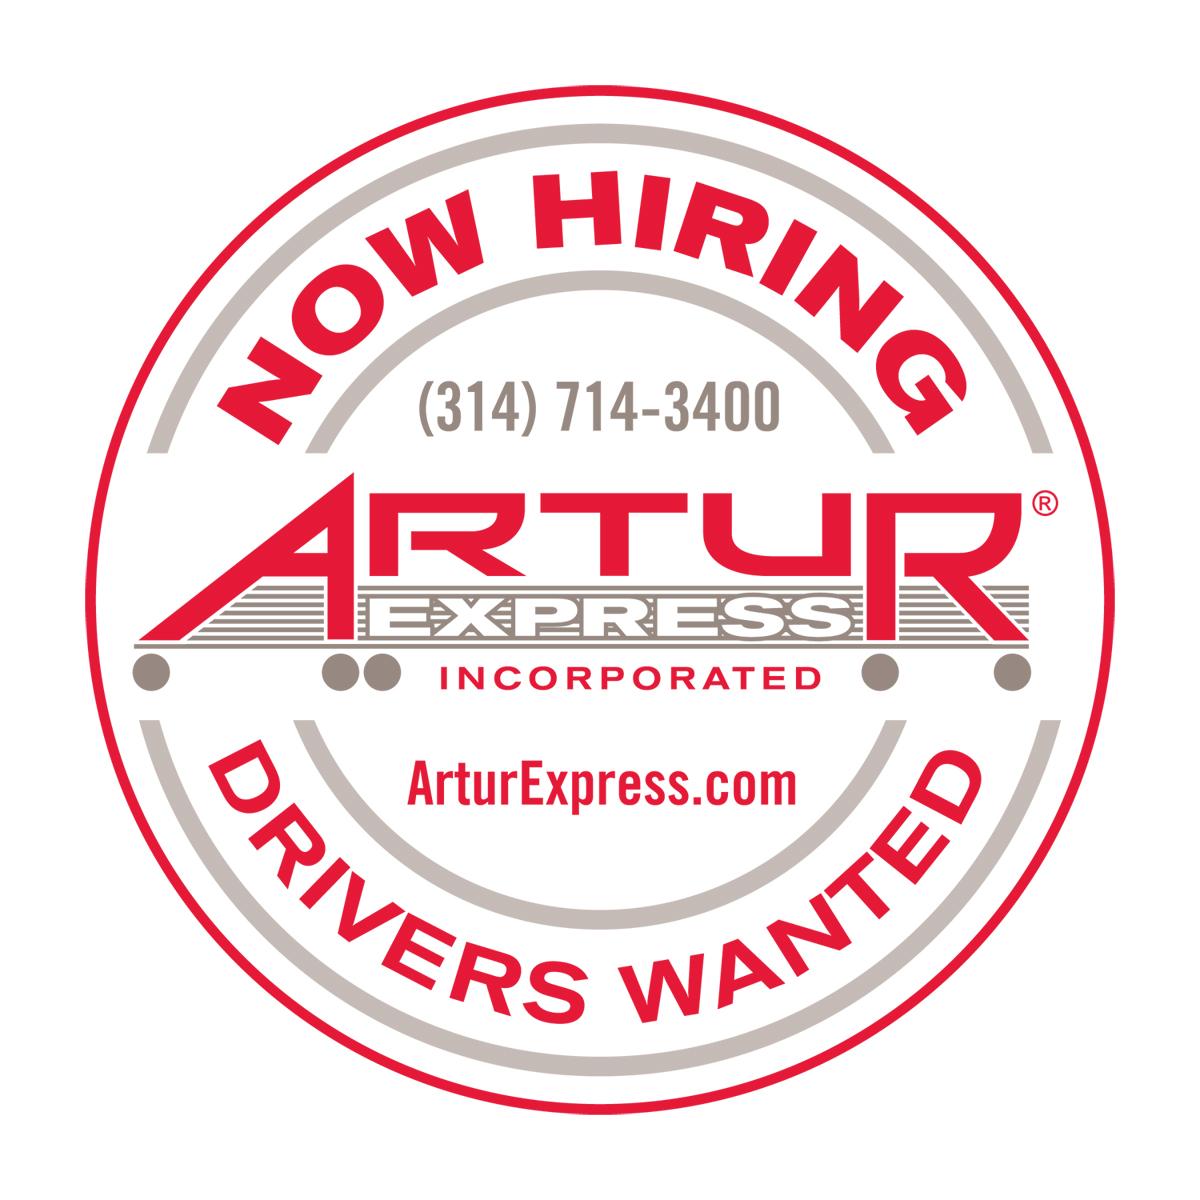 Ogłoszenie darmowe. Lokalizacja:  US. DAM PRACĘ - Transport. Artur Express zaprasza do wspolpracy.